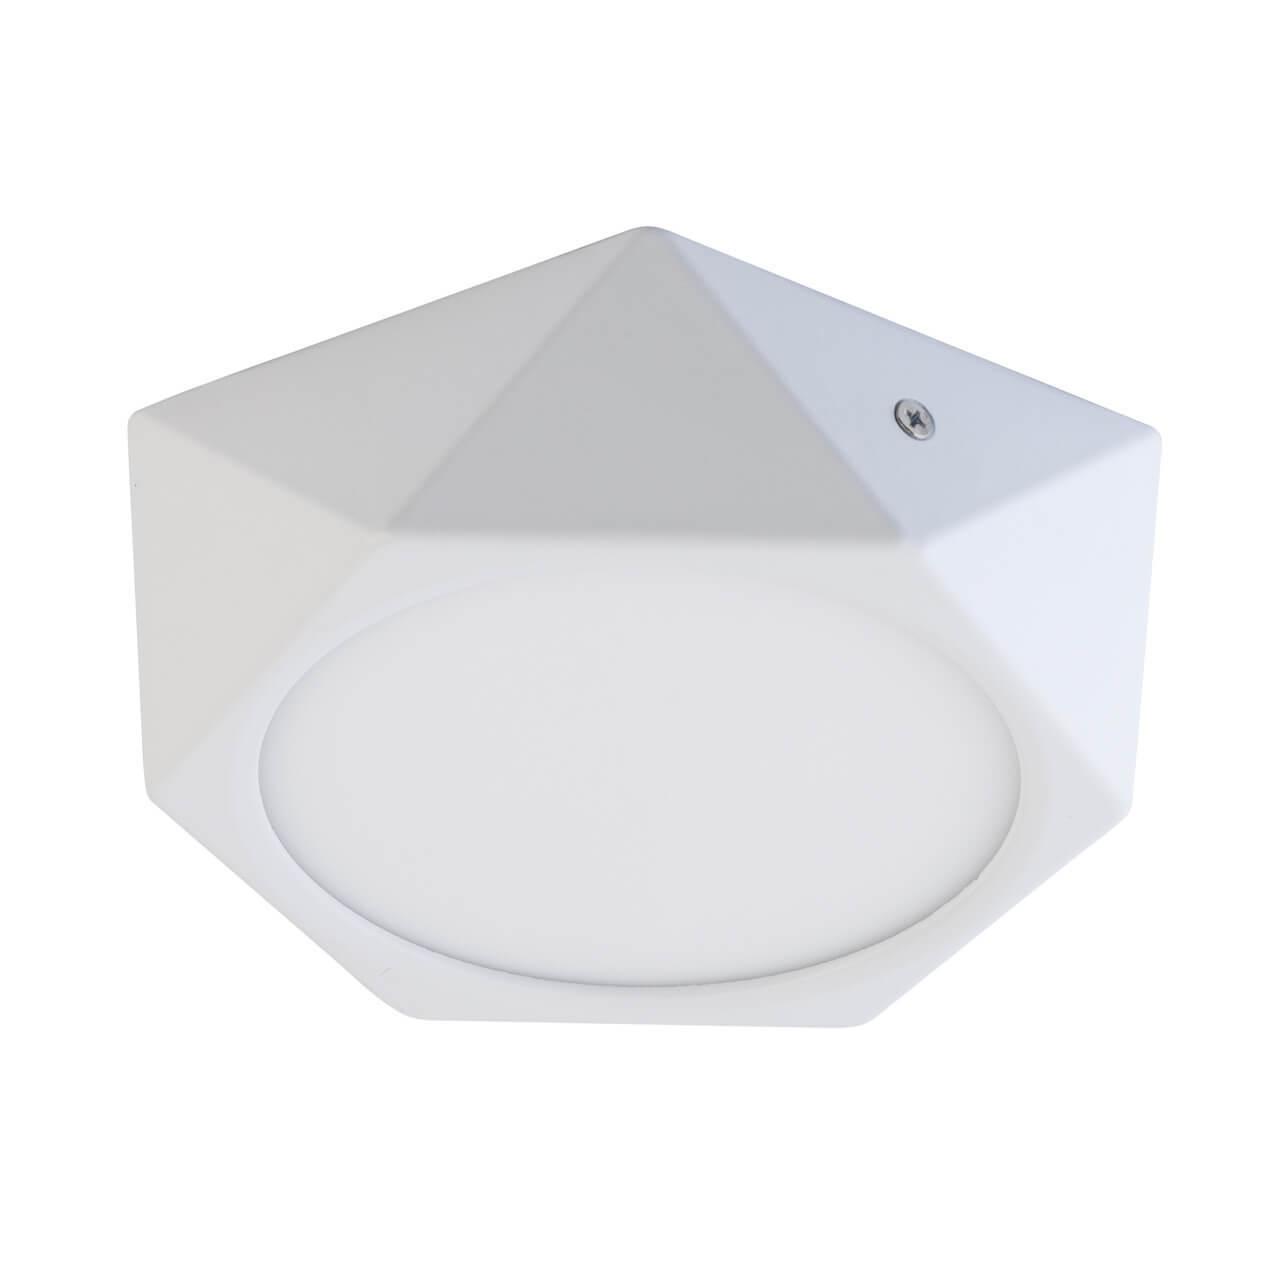 Потолочный светодиодный светильник De Markt Стаут 4 702011301